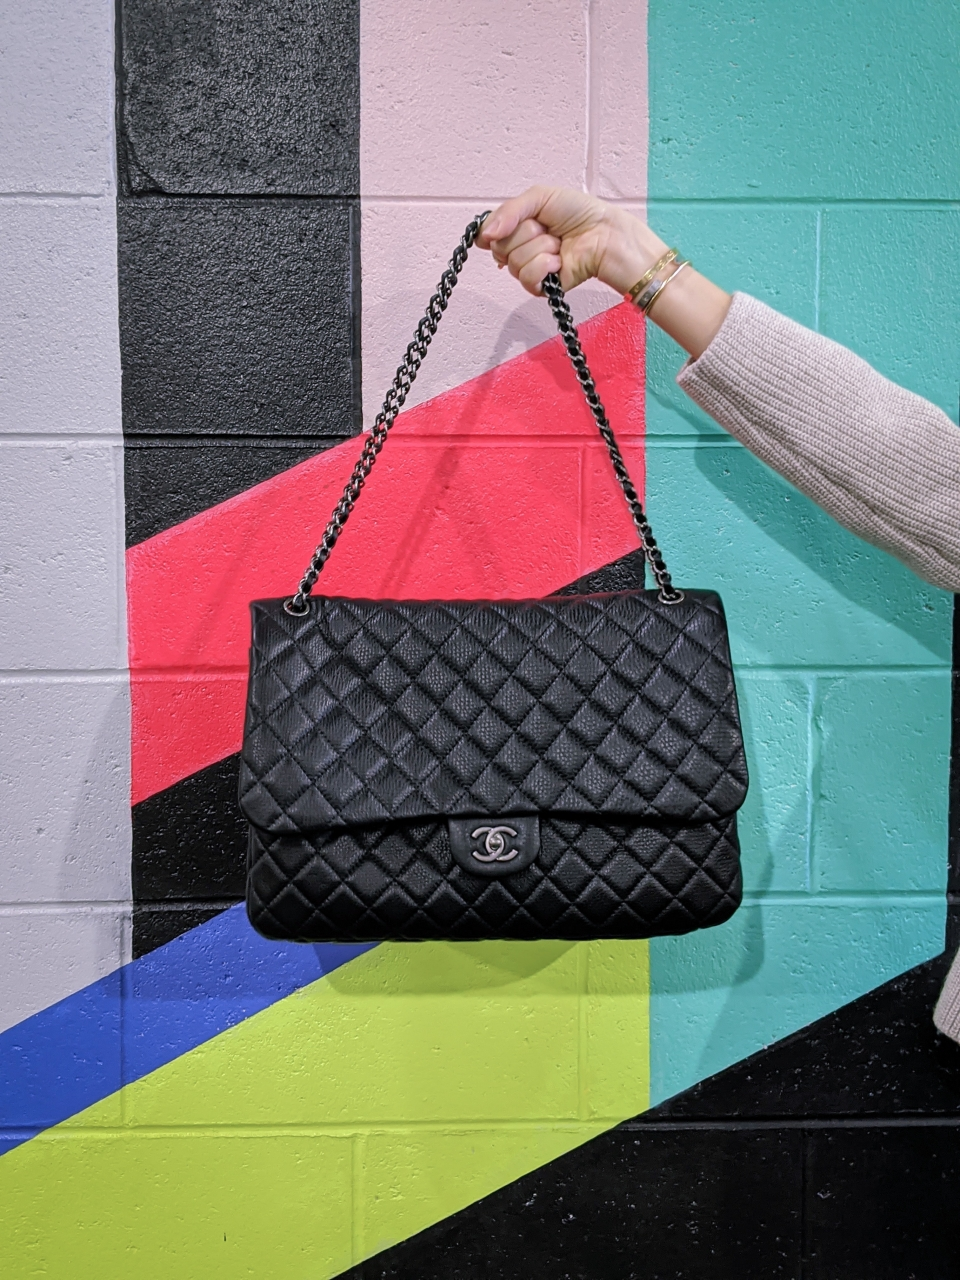 Chanel XXL reveal